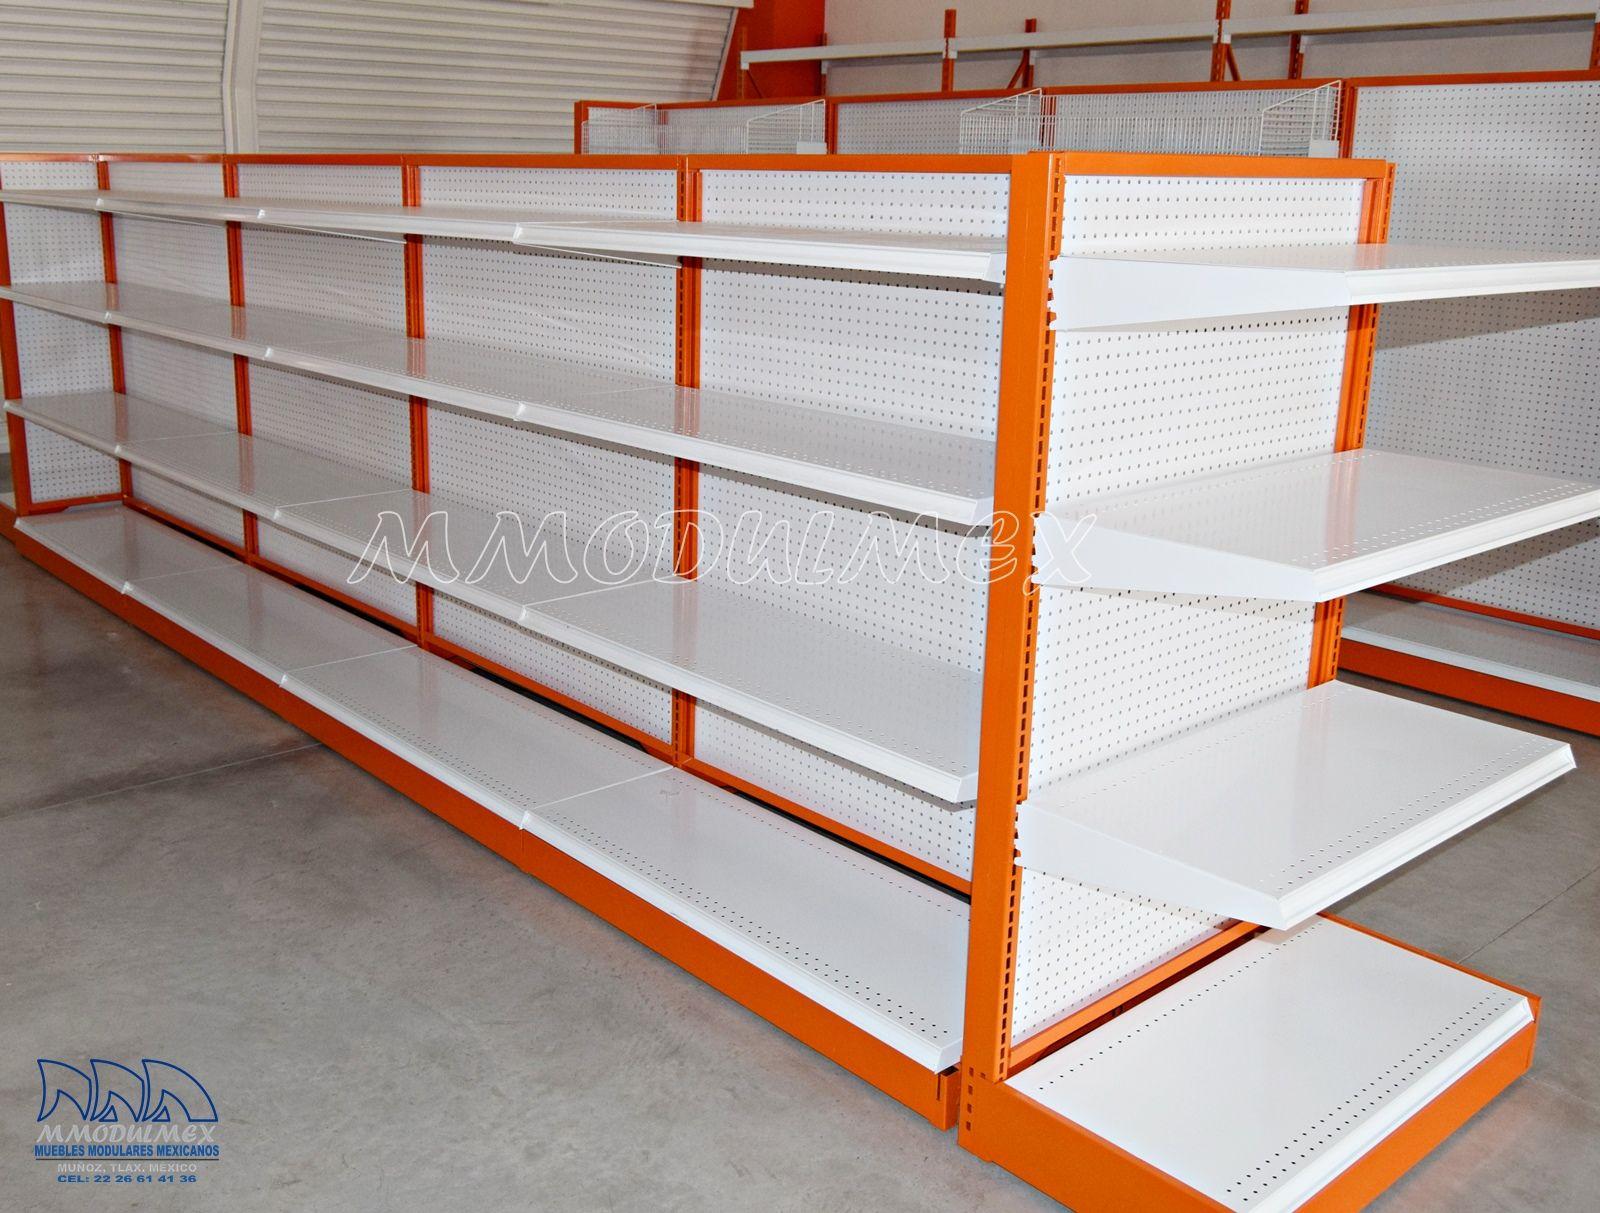 Estantes Metalicas.Pin De Enis En Packing Bench En 2019 Estanterias Metalicas